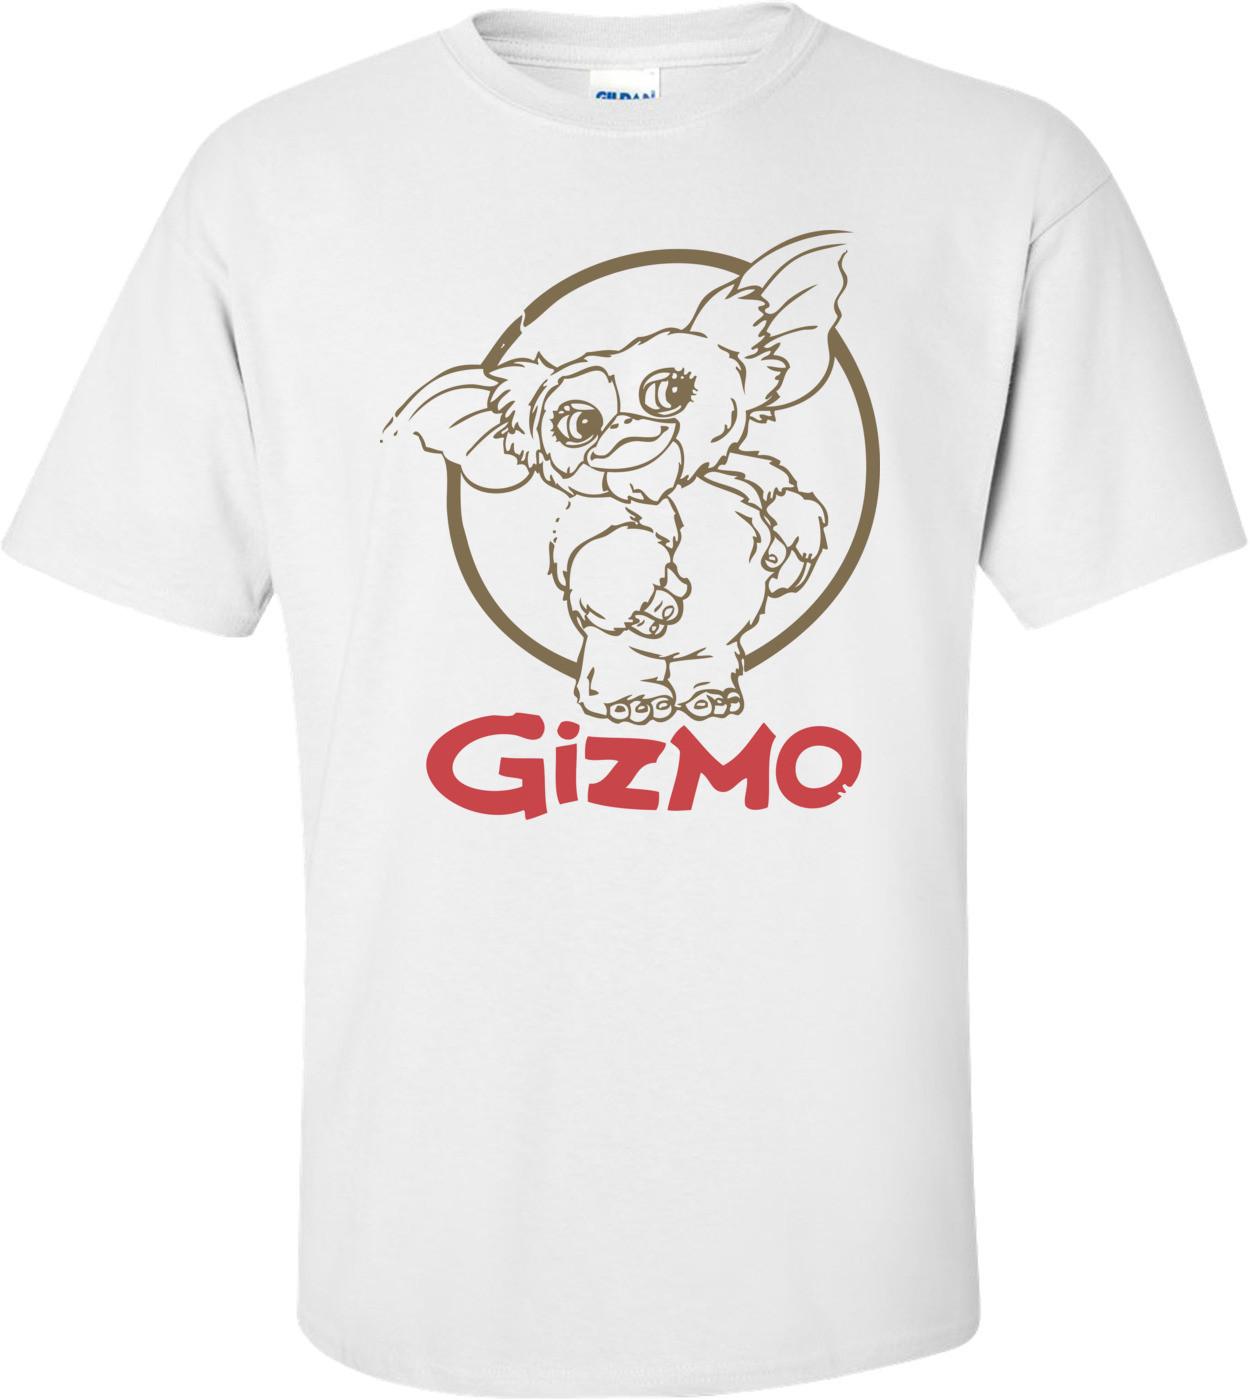 Gizmo - Gremlins T-shirt